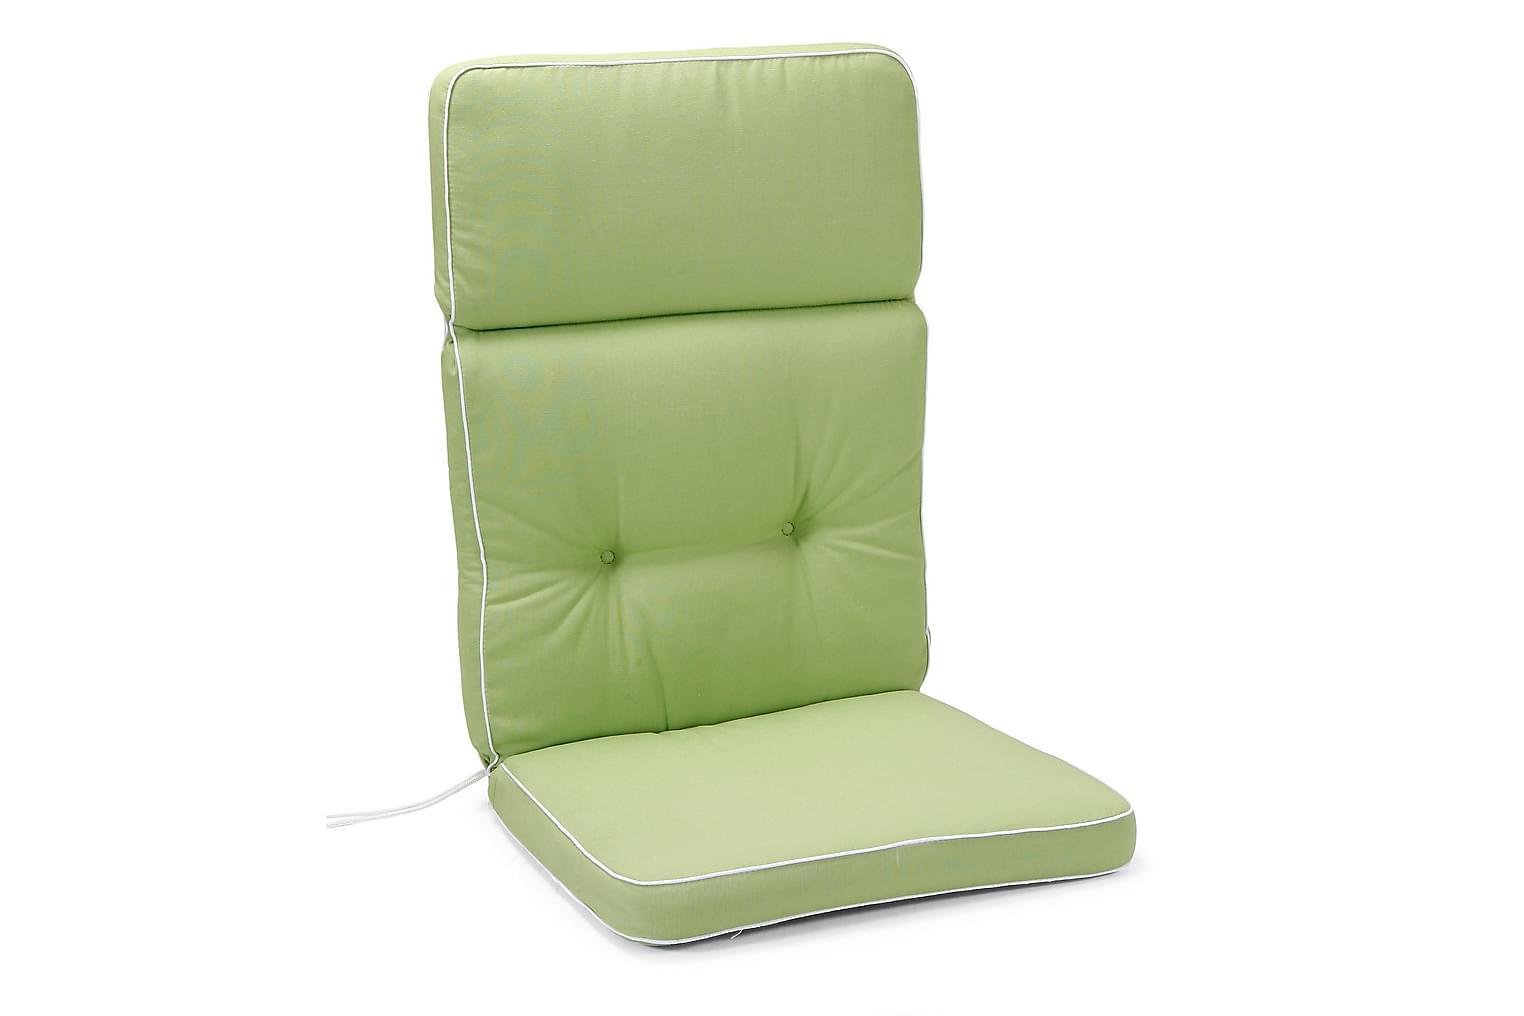 MILAN Box-Pehmuste Korkea Vihreä/valkoinen